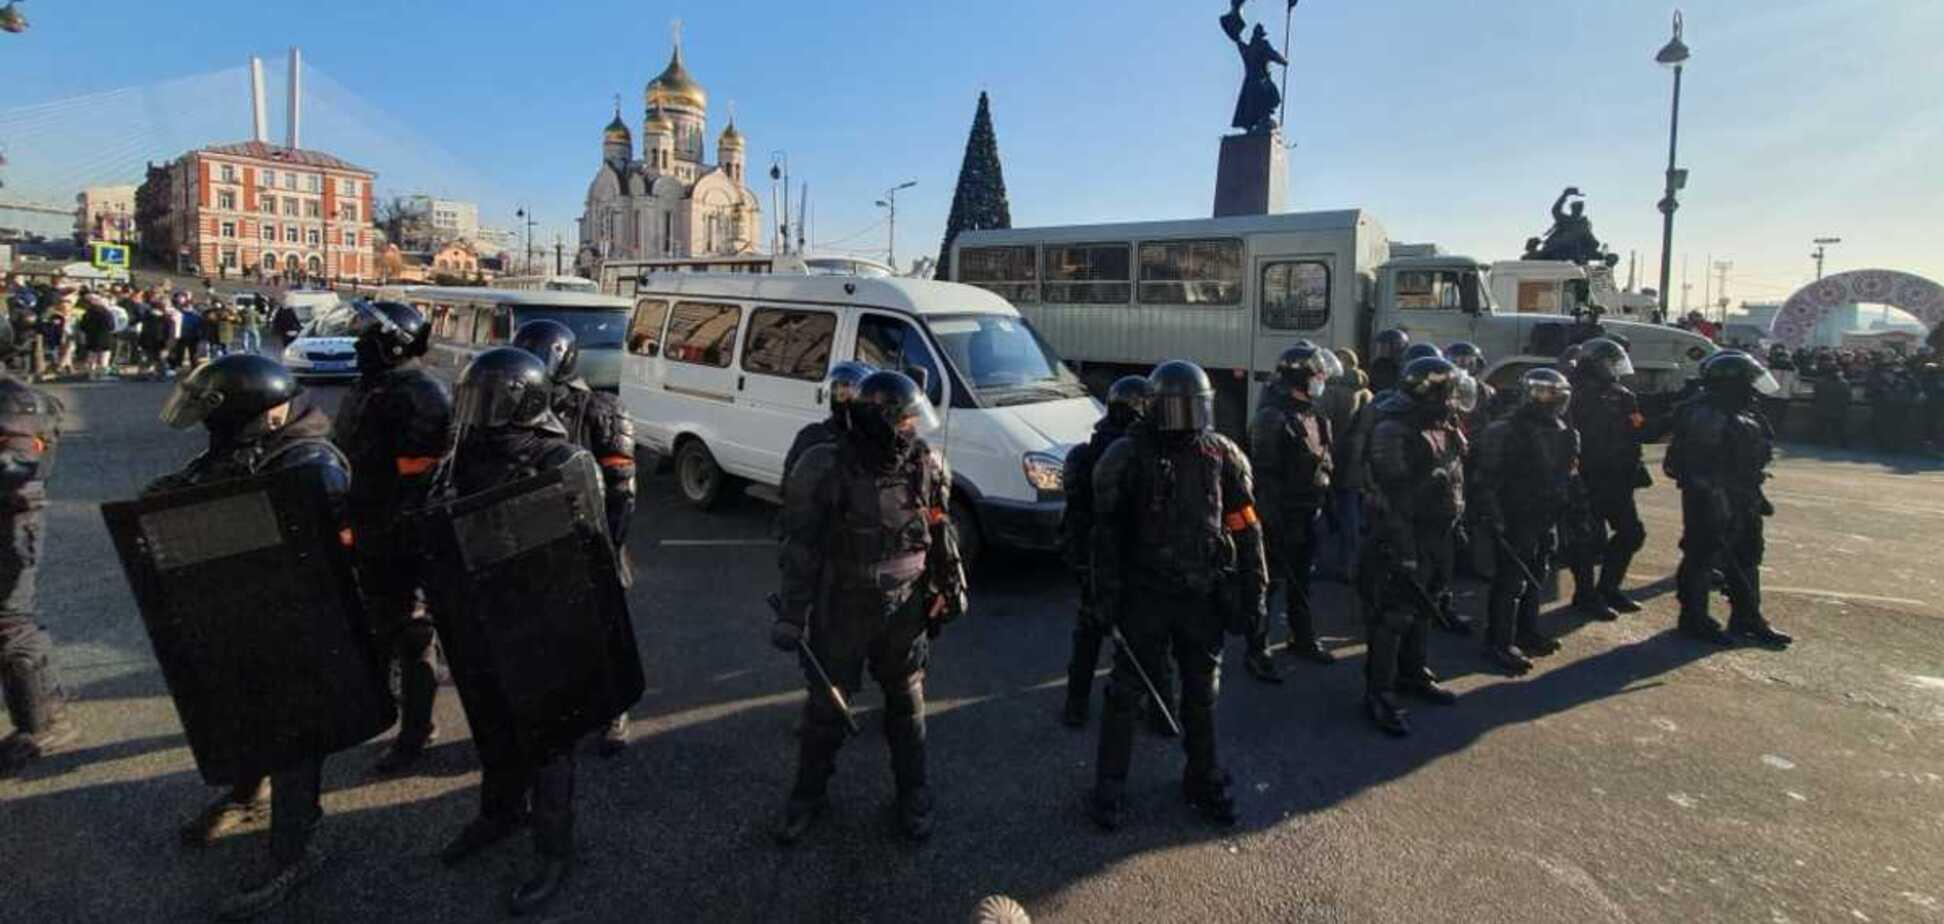 У Росії почалися зіткнення ОМОНу з протестувальниками, пролунали постріли. Відео